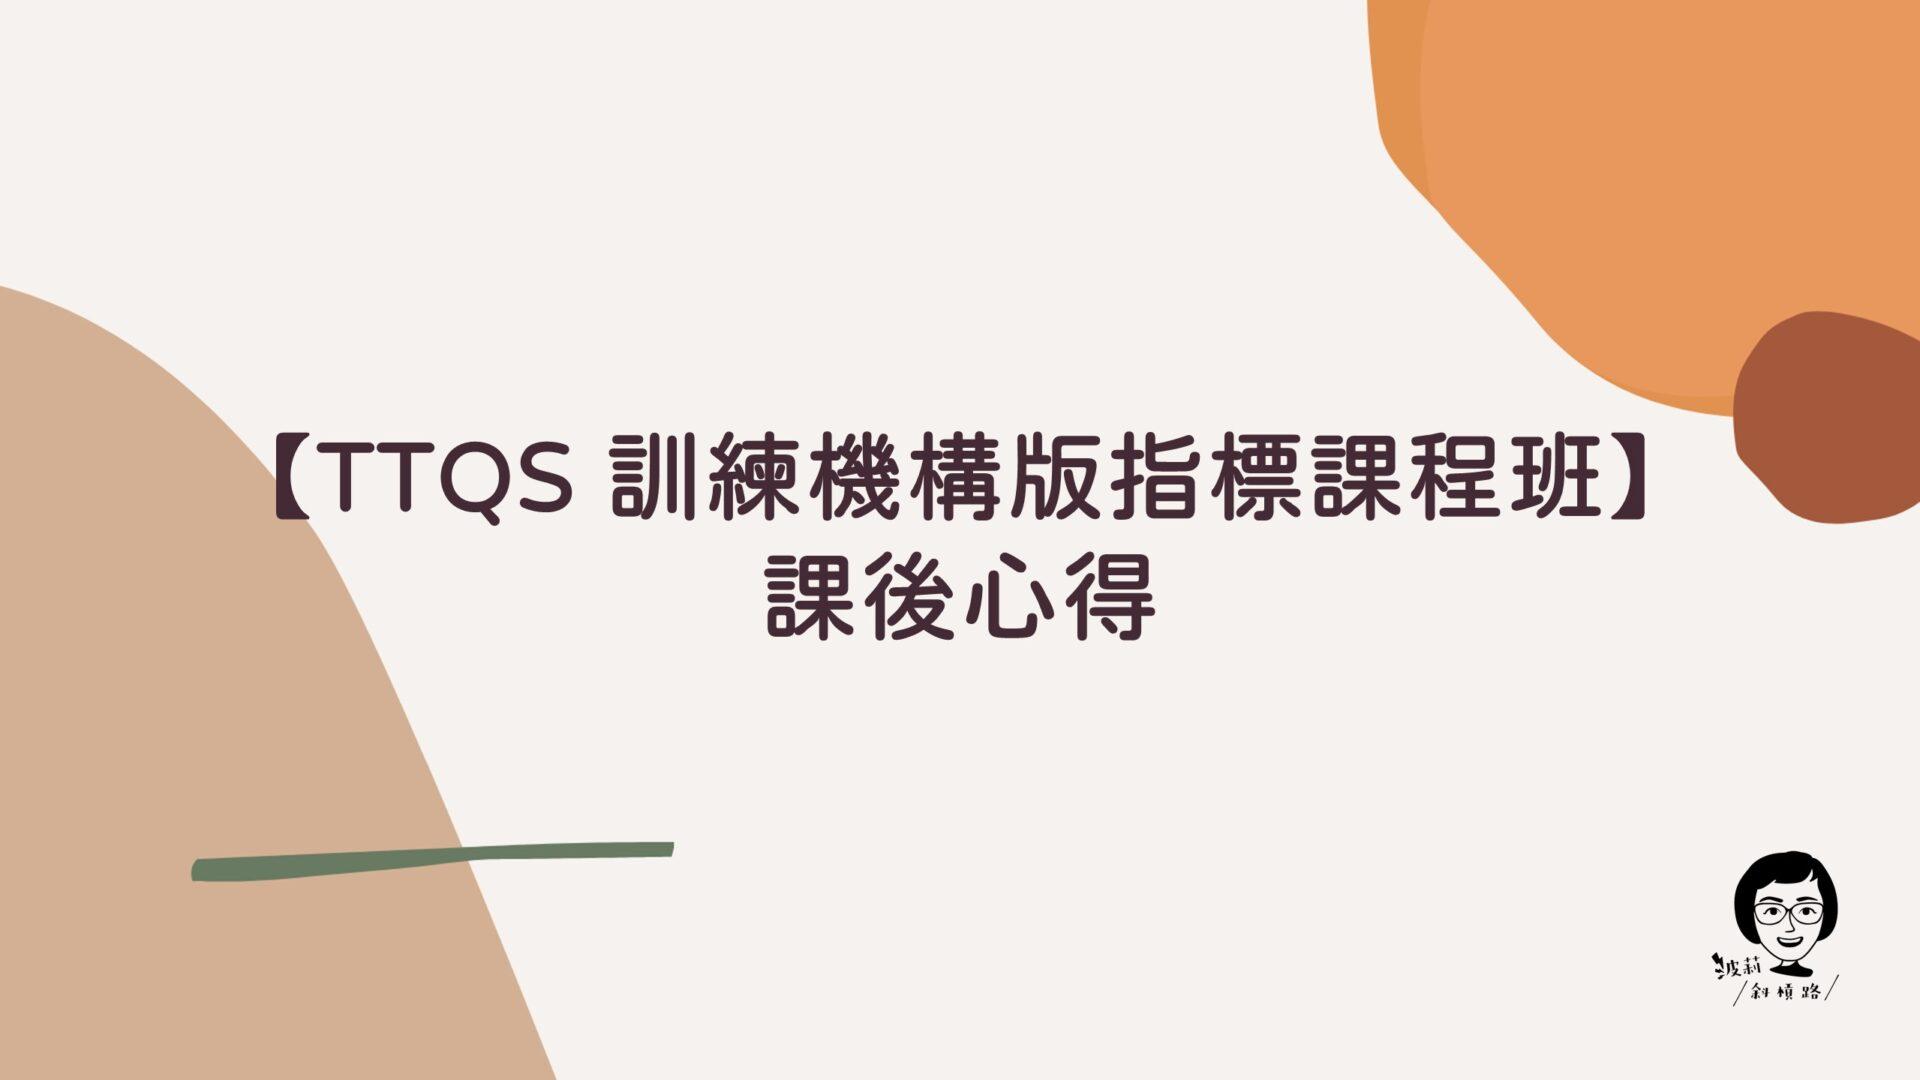 TTQS Banner